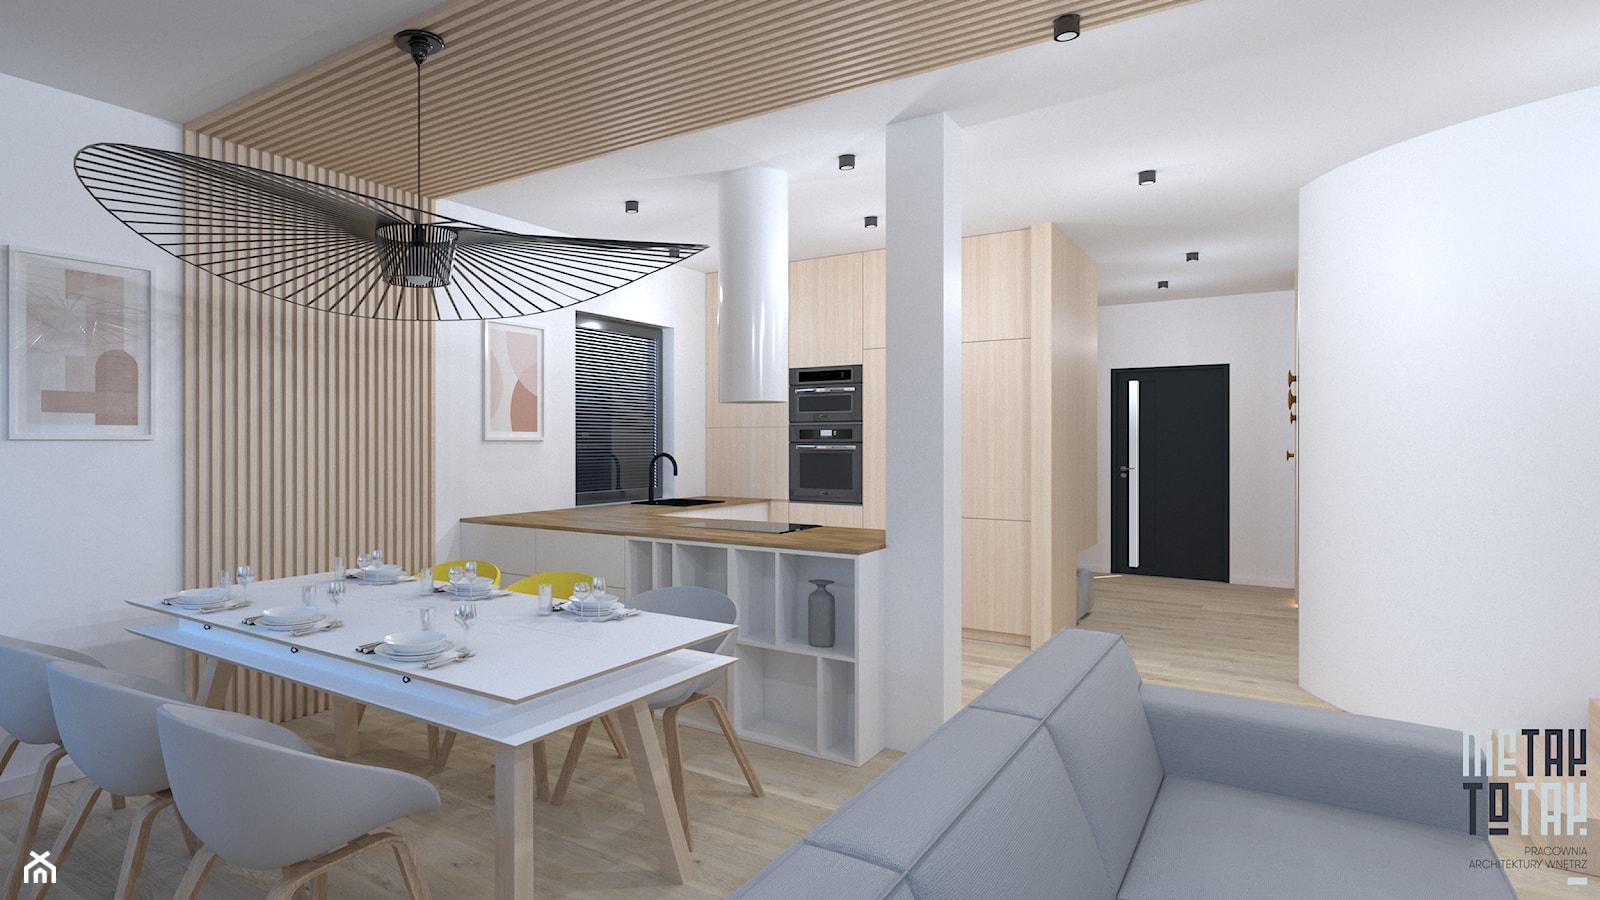 Projekt domu jednorodzinnego w Rudzie Sląskiej - Kuchnia, styl nowoczesny - zdjęcie od NIE TAK TO TAK Pracownia Architektury Wnętrz - Homebook